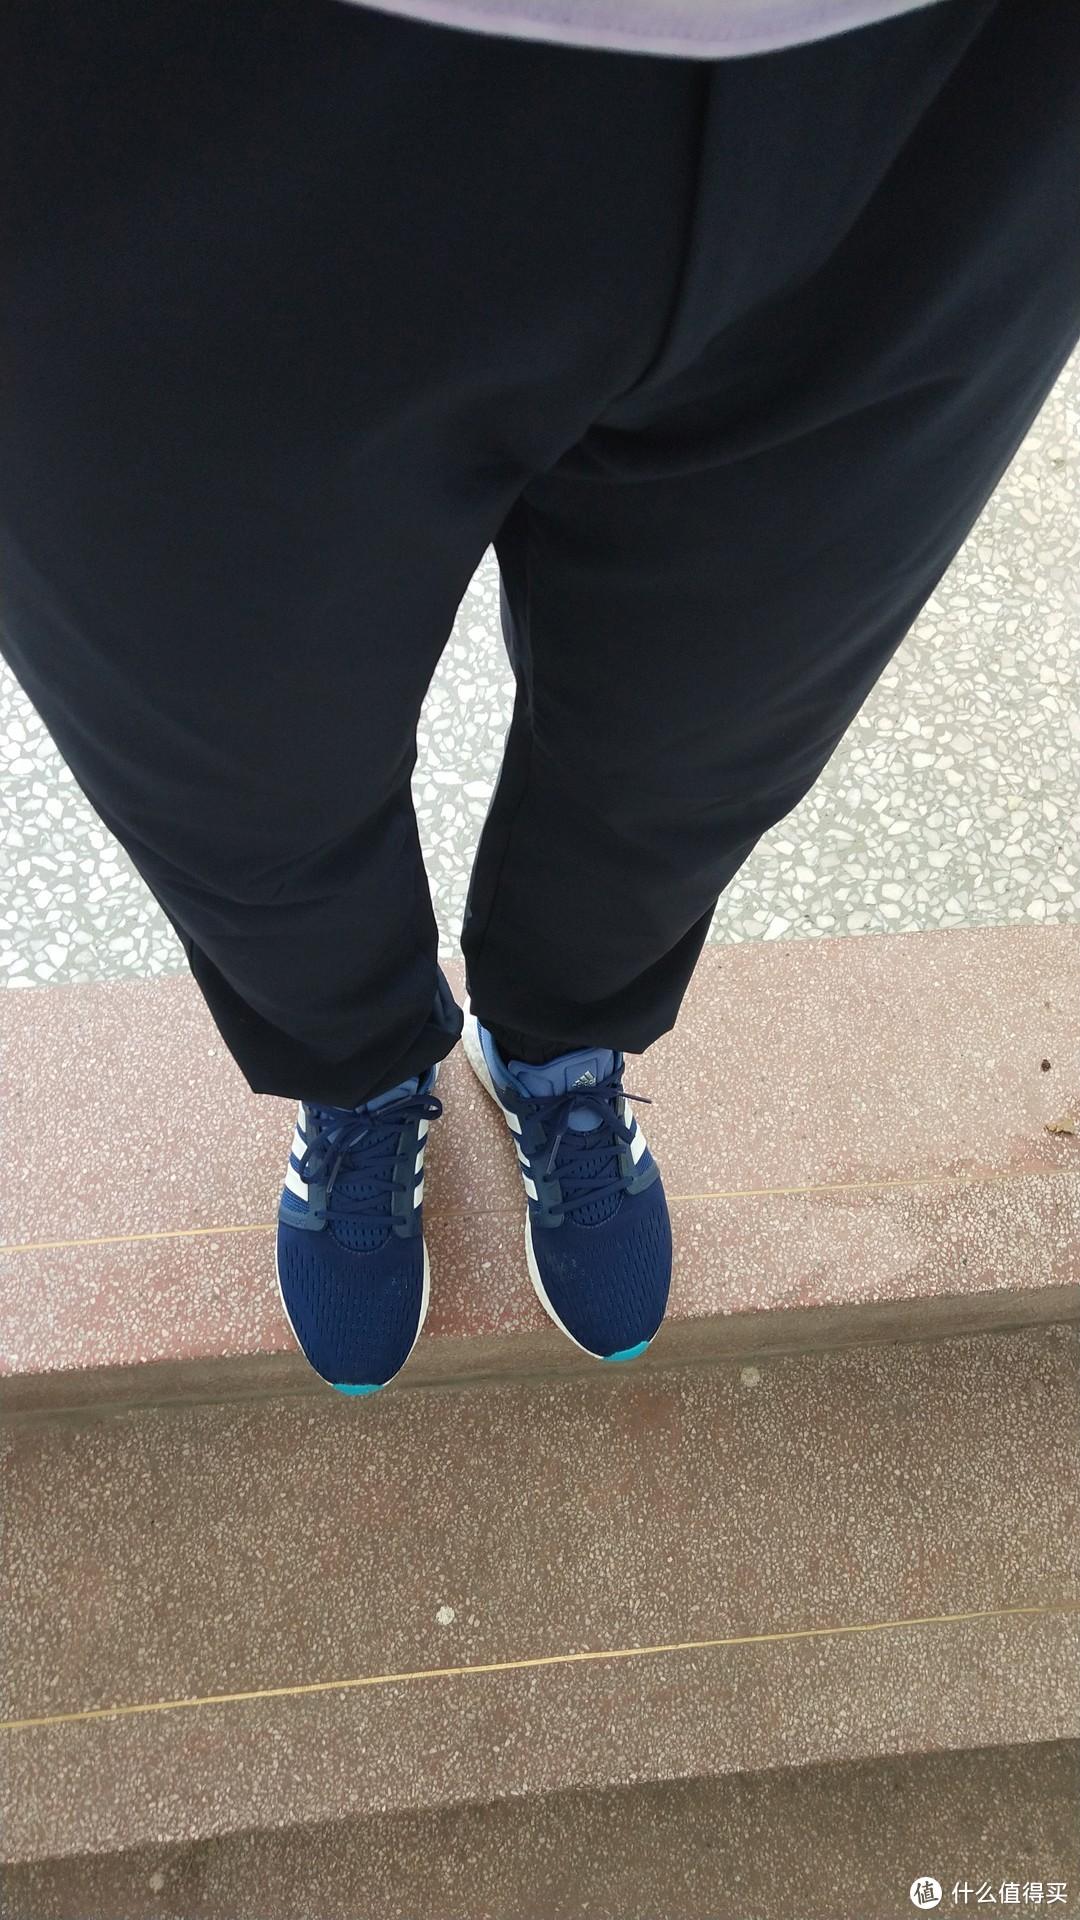 全掌boost + 透气首选:Adidas 阿迪达斯 cc rocket boost m 跑步鞋 开箱